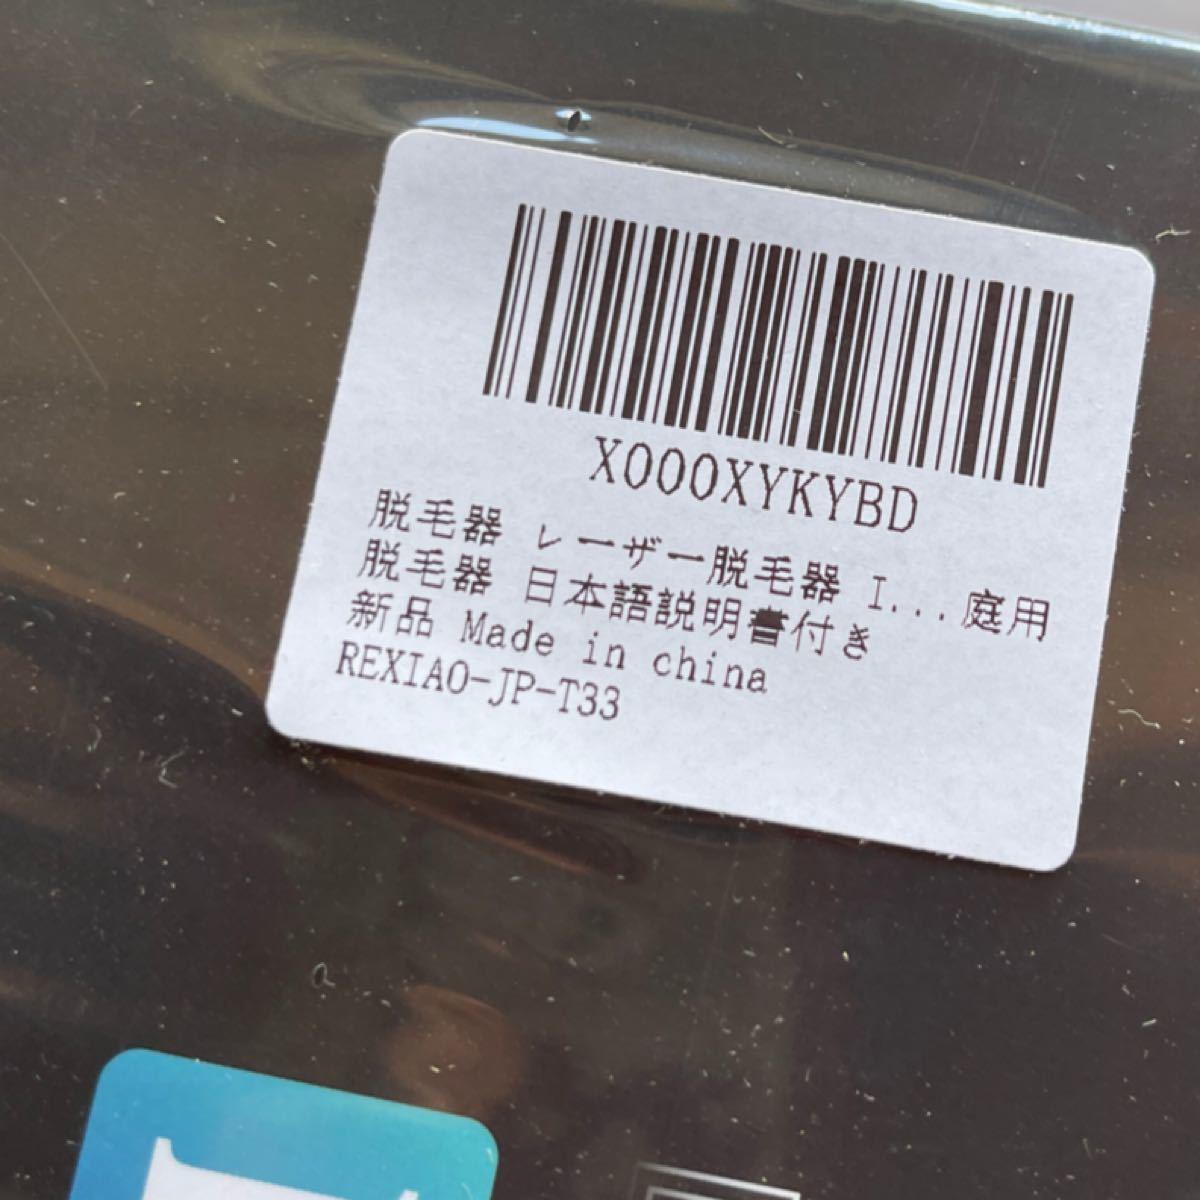 脱毛器 レーザー脱毛器 IPL光脱毛器 無痛 永久脱毛 999999回照射 光エステ5段階調節 自動・手動照射日本語説明書付き